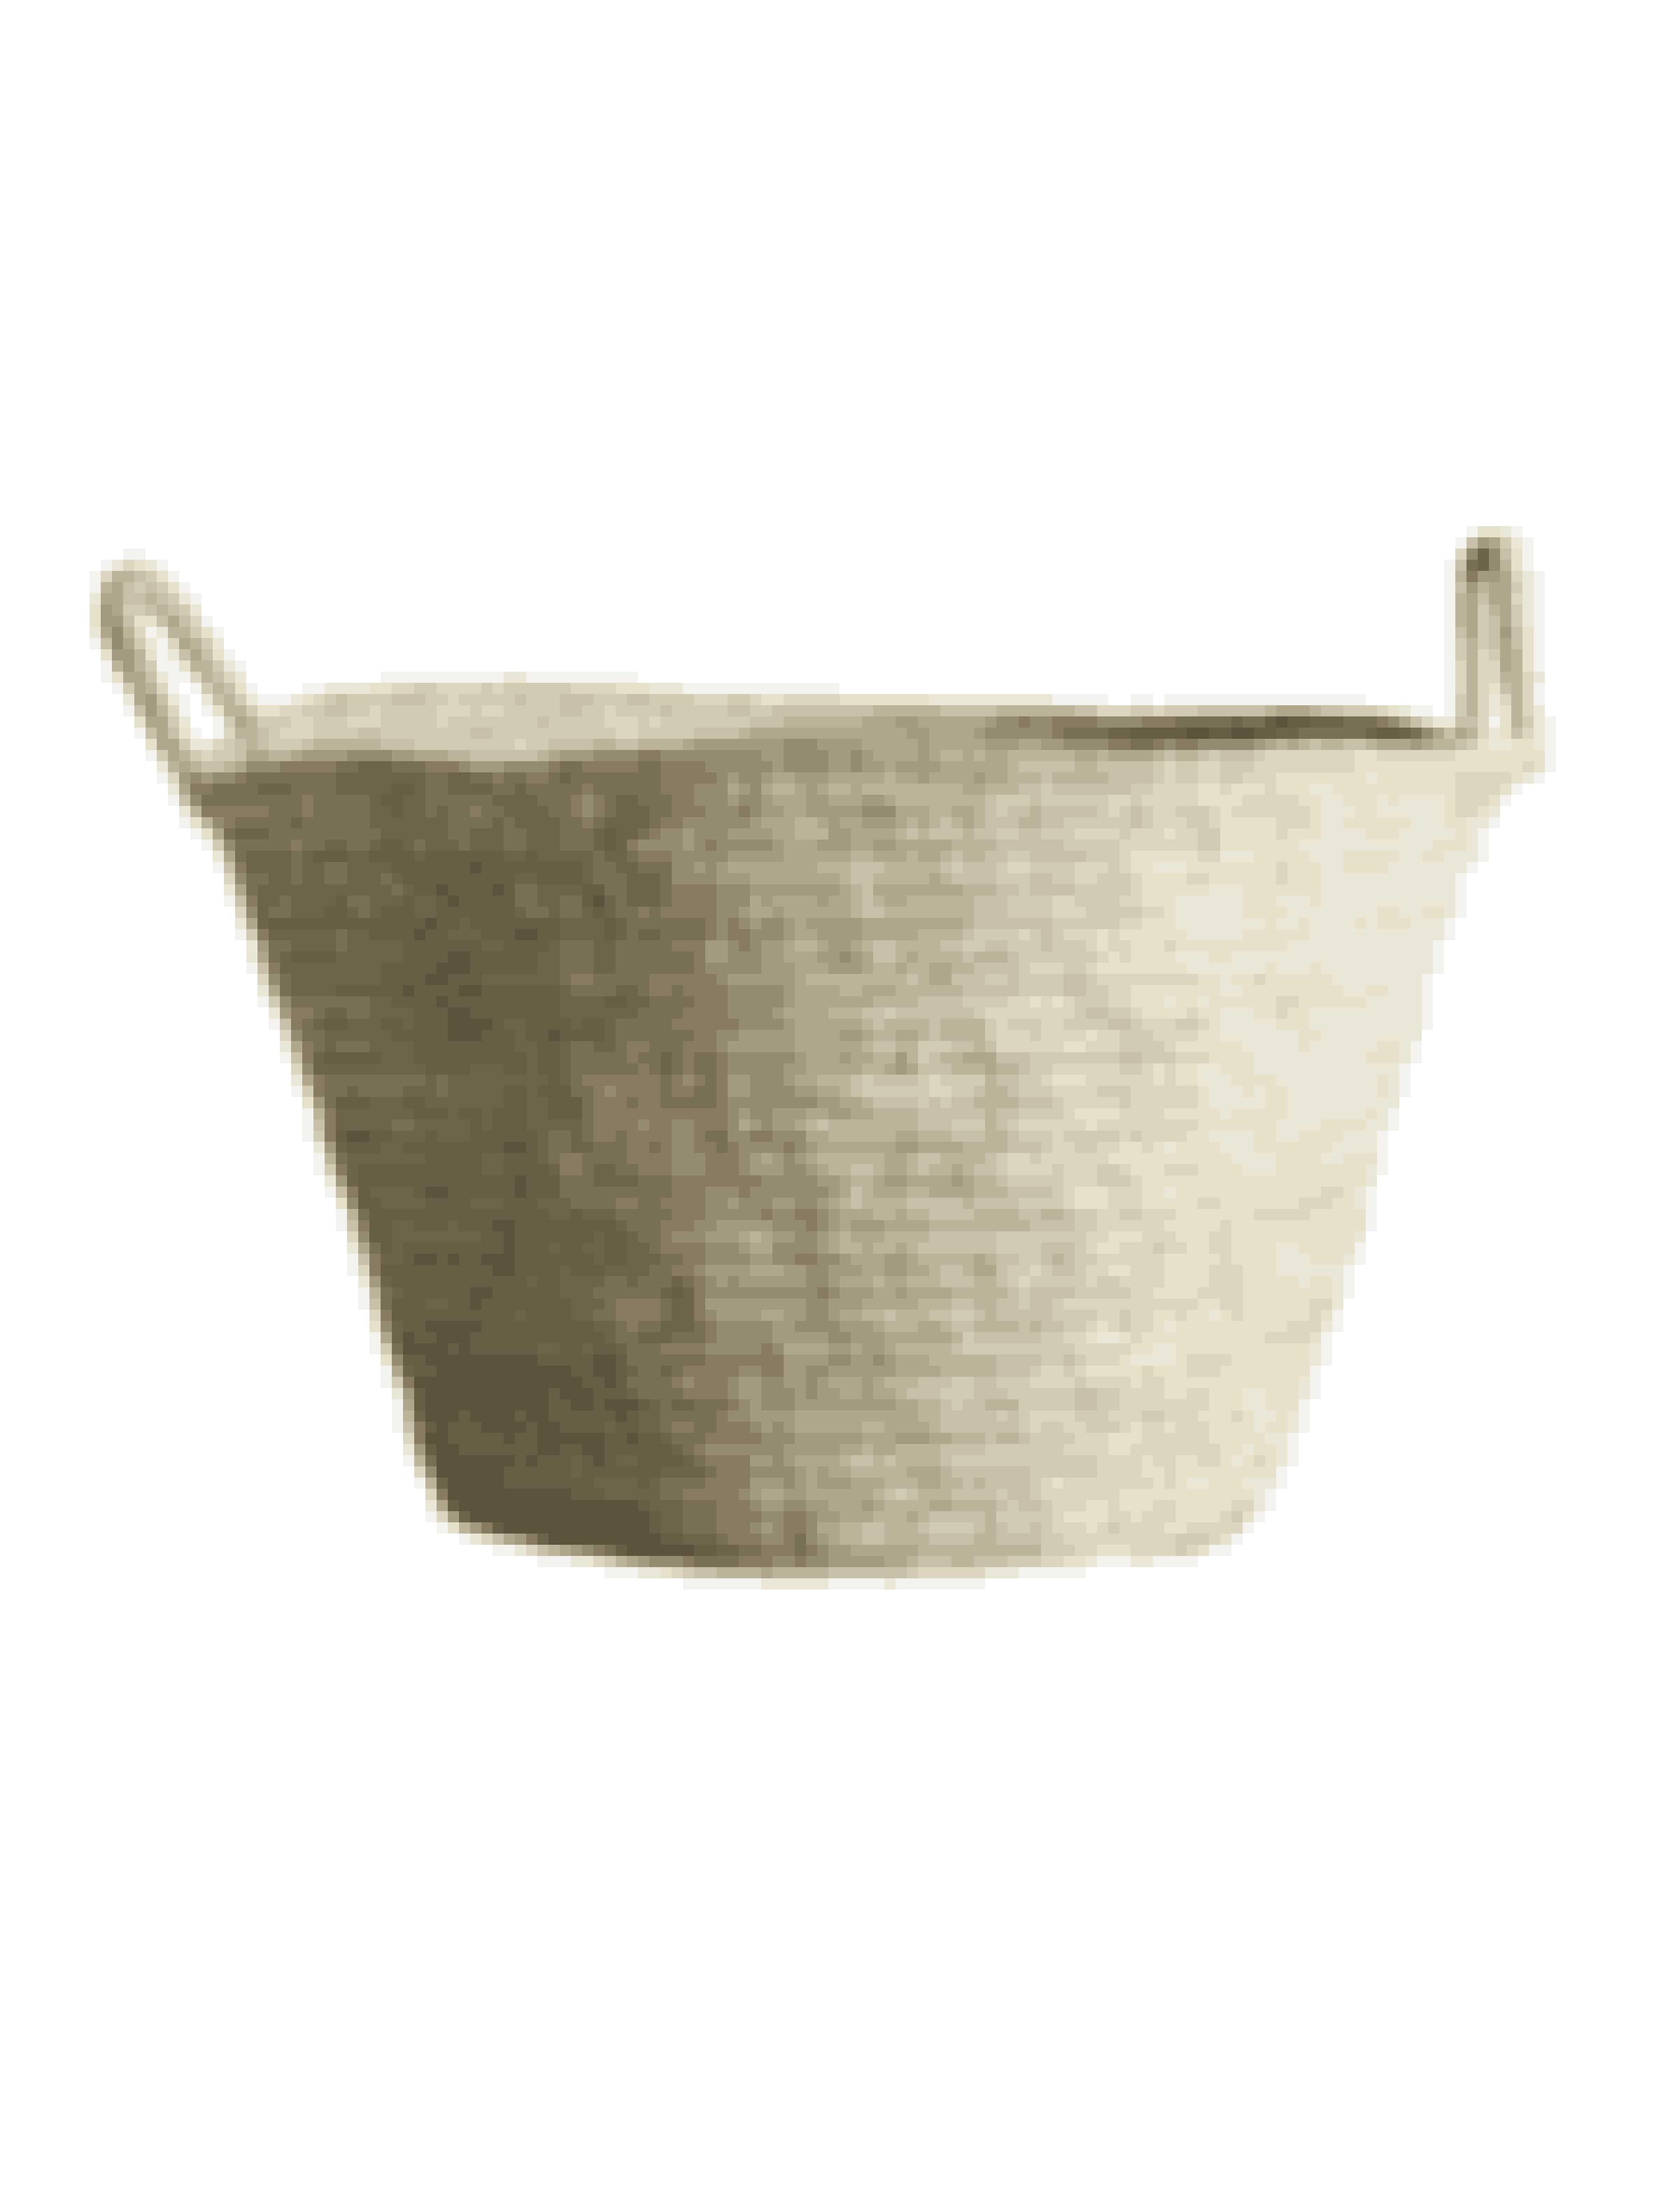 Kurv flettet af bambusblade, Tine K Home, 369 kr.Køb online her.